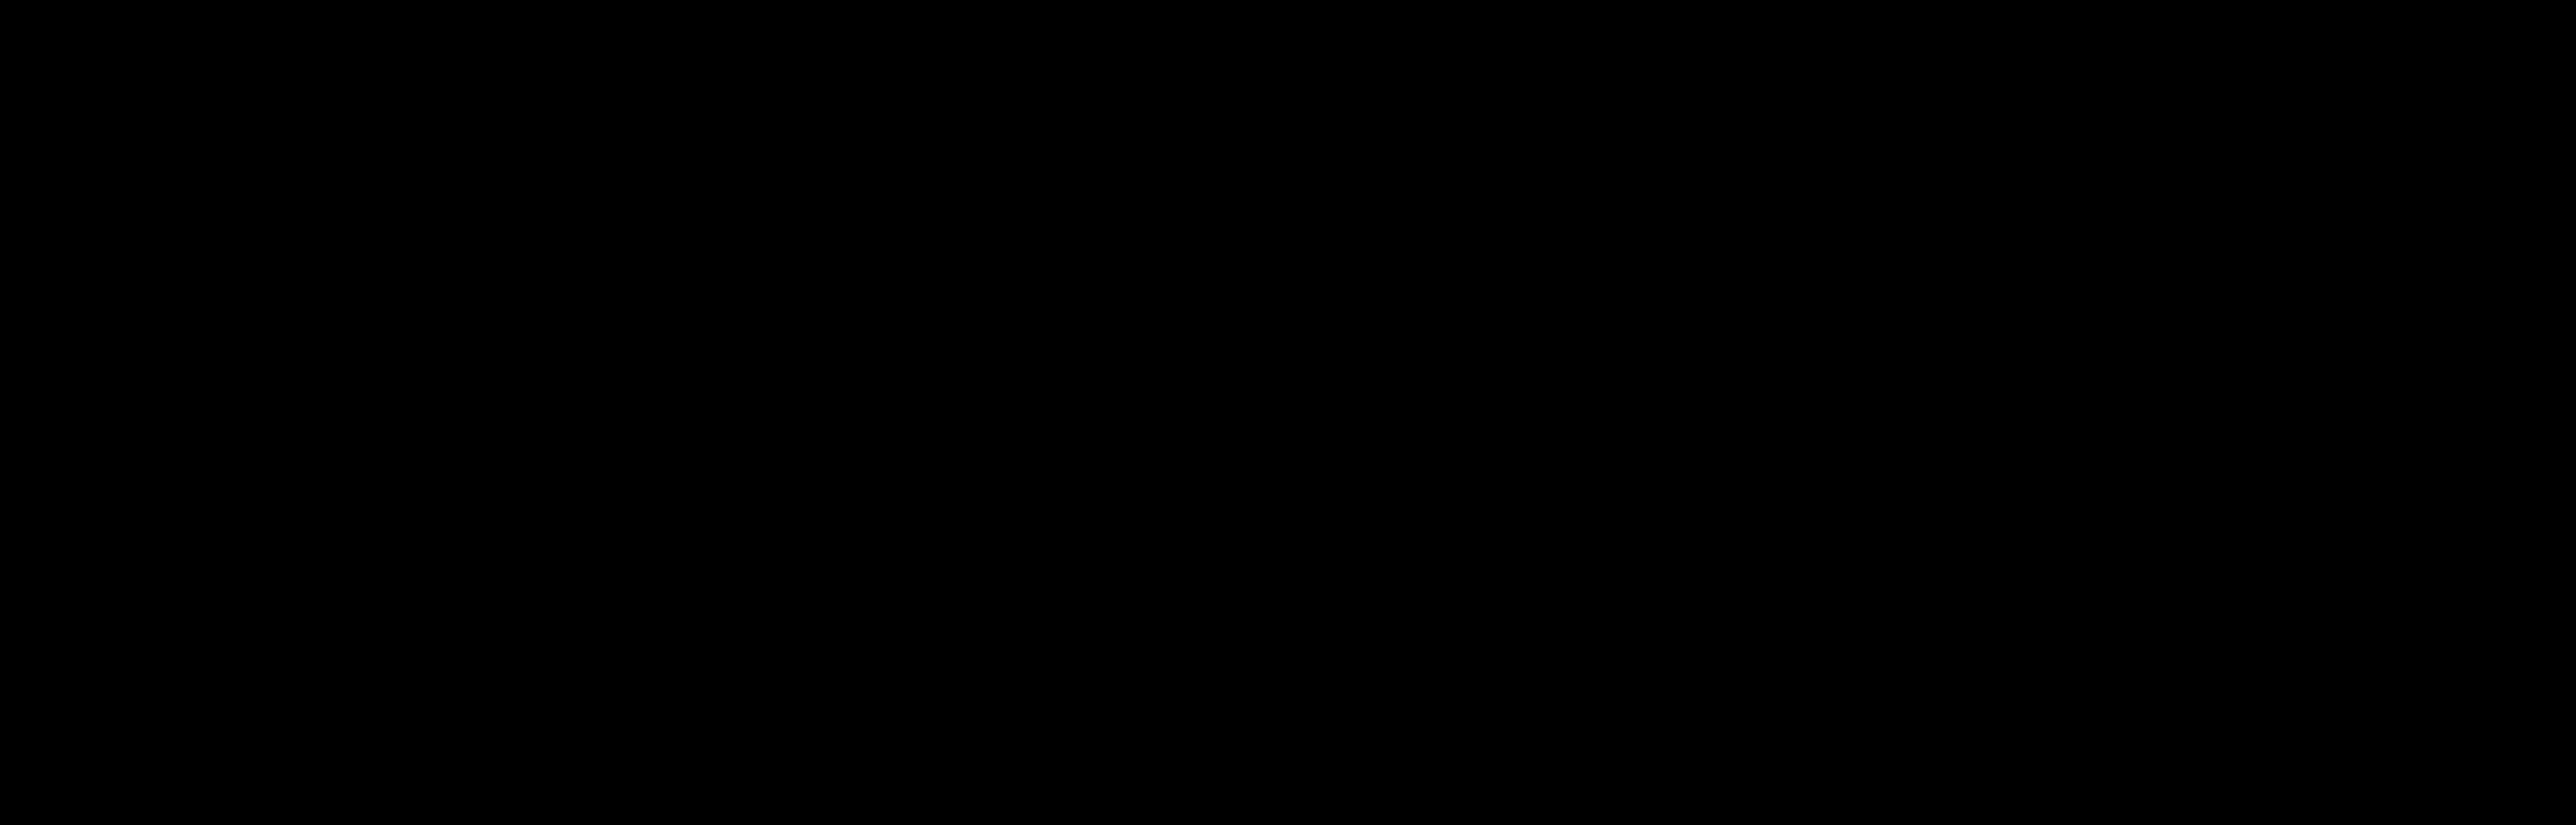 Decisioni per creare e sviluppare il tuo e-commerce